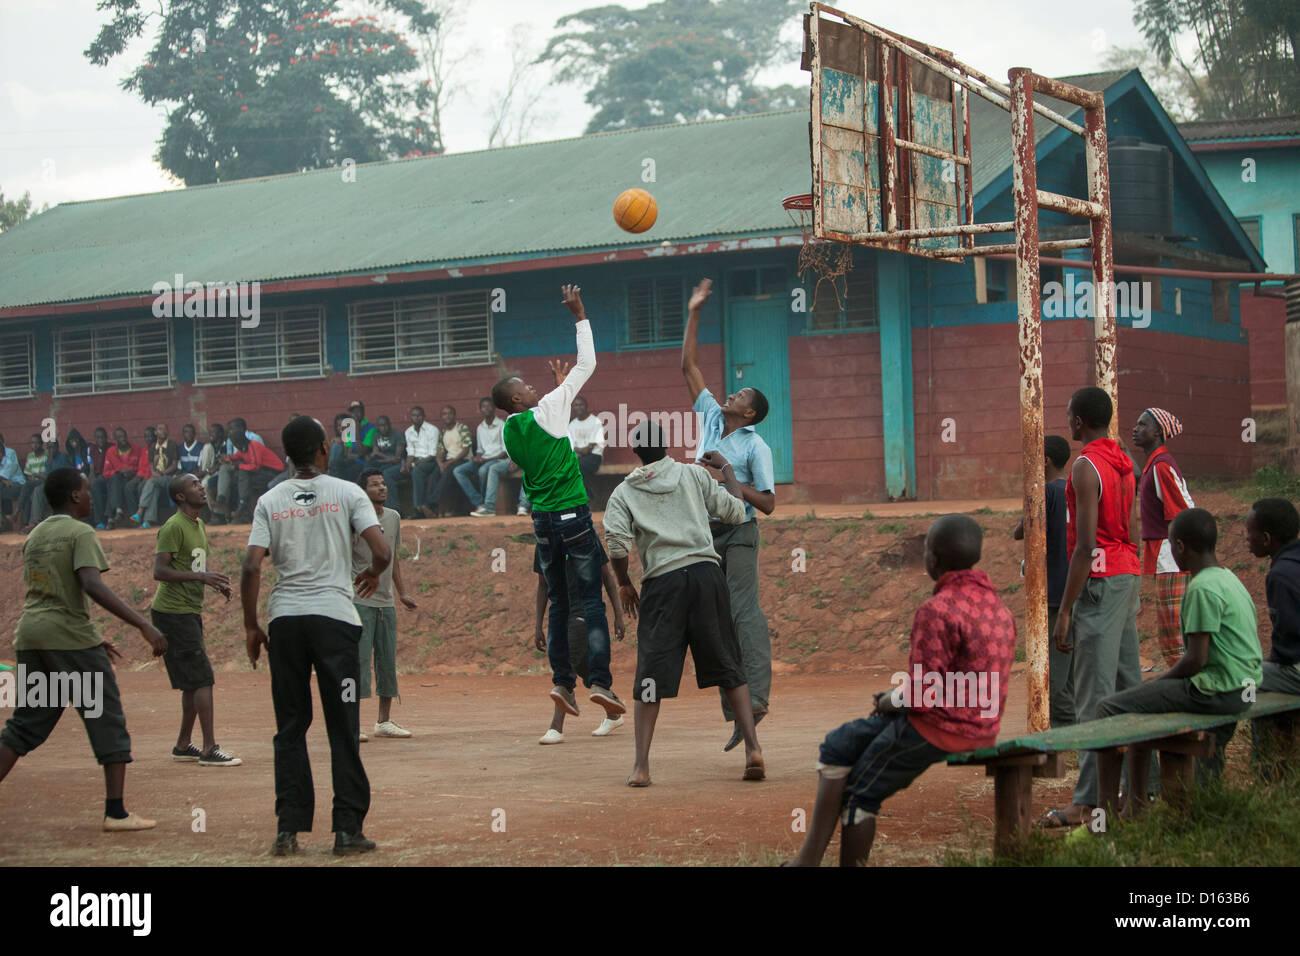 Gli studenti della scuola secondaria di giocare a basket dopo le classi di Nyeri, Kenya, Africa orientale. Immagini Stock